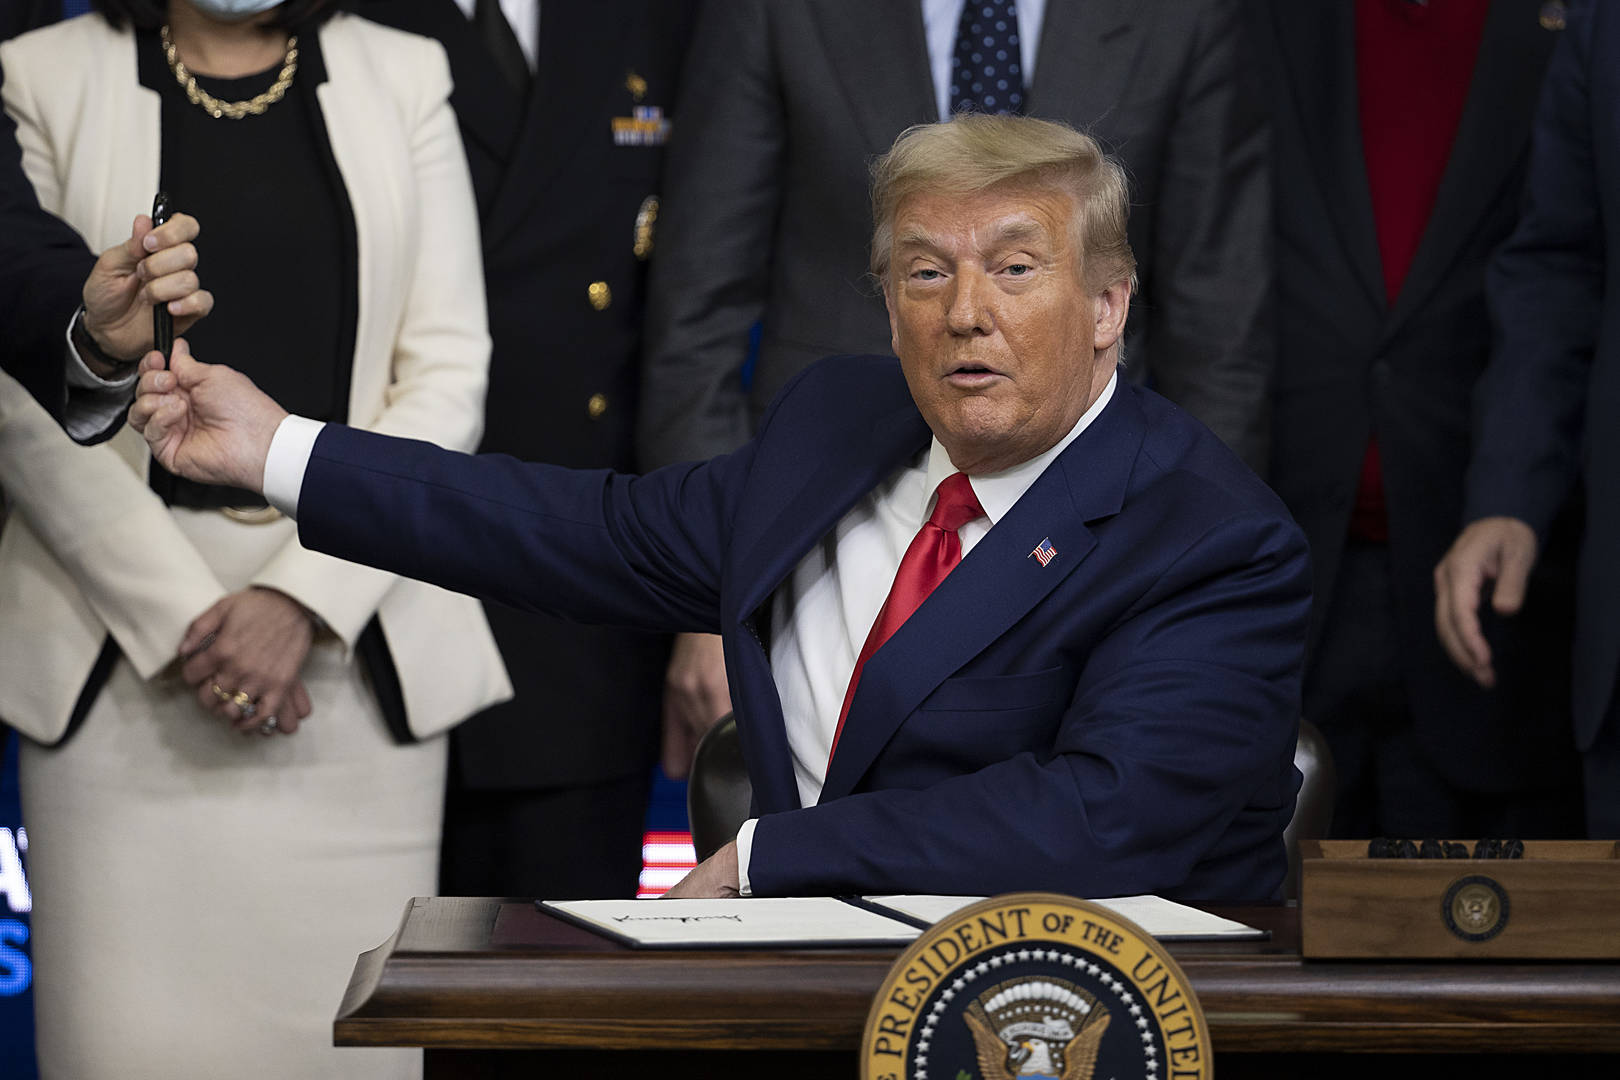 Donald Trump, Weldon Angelos